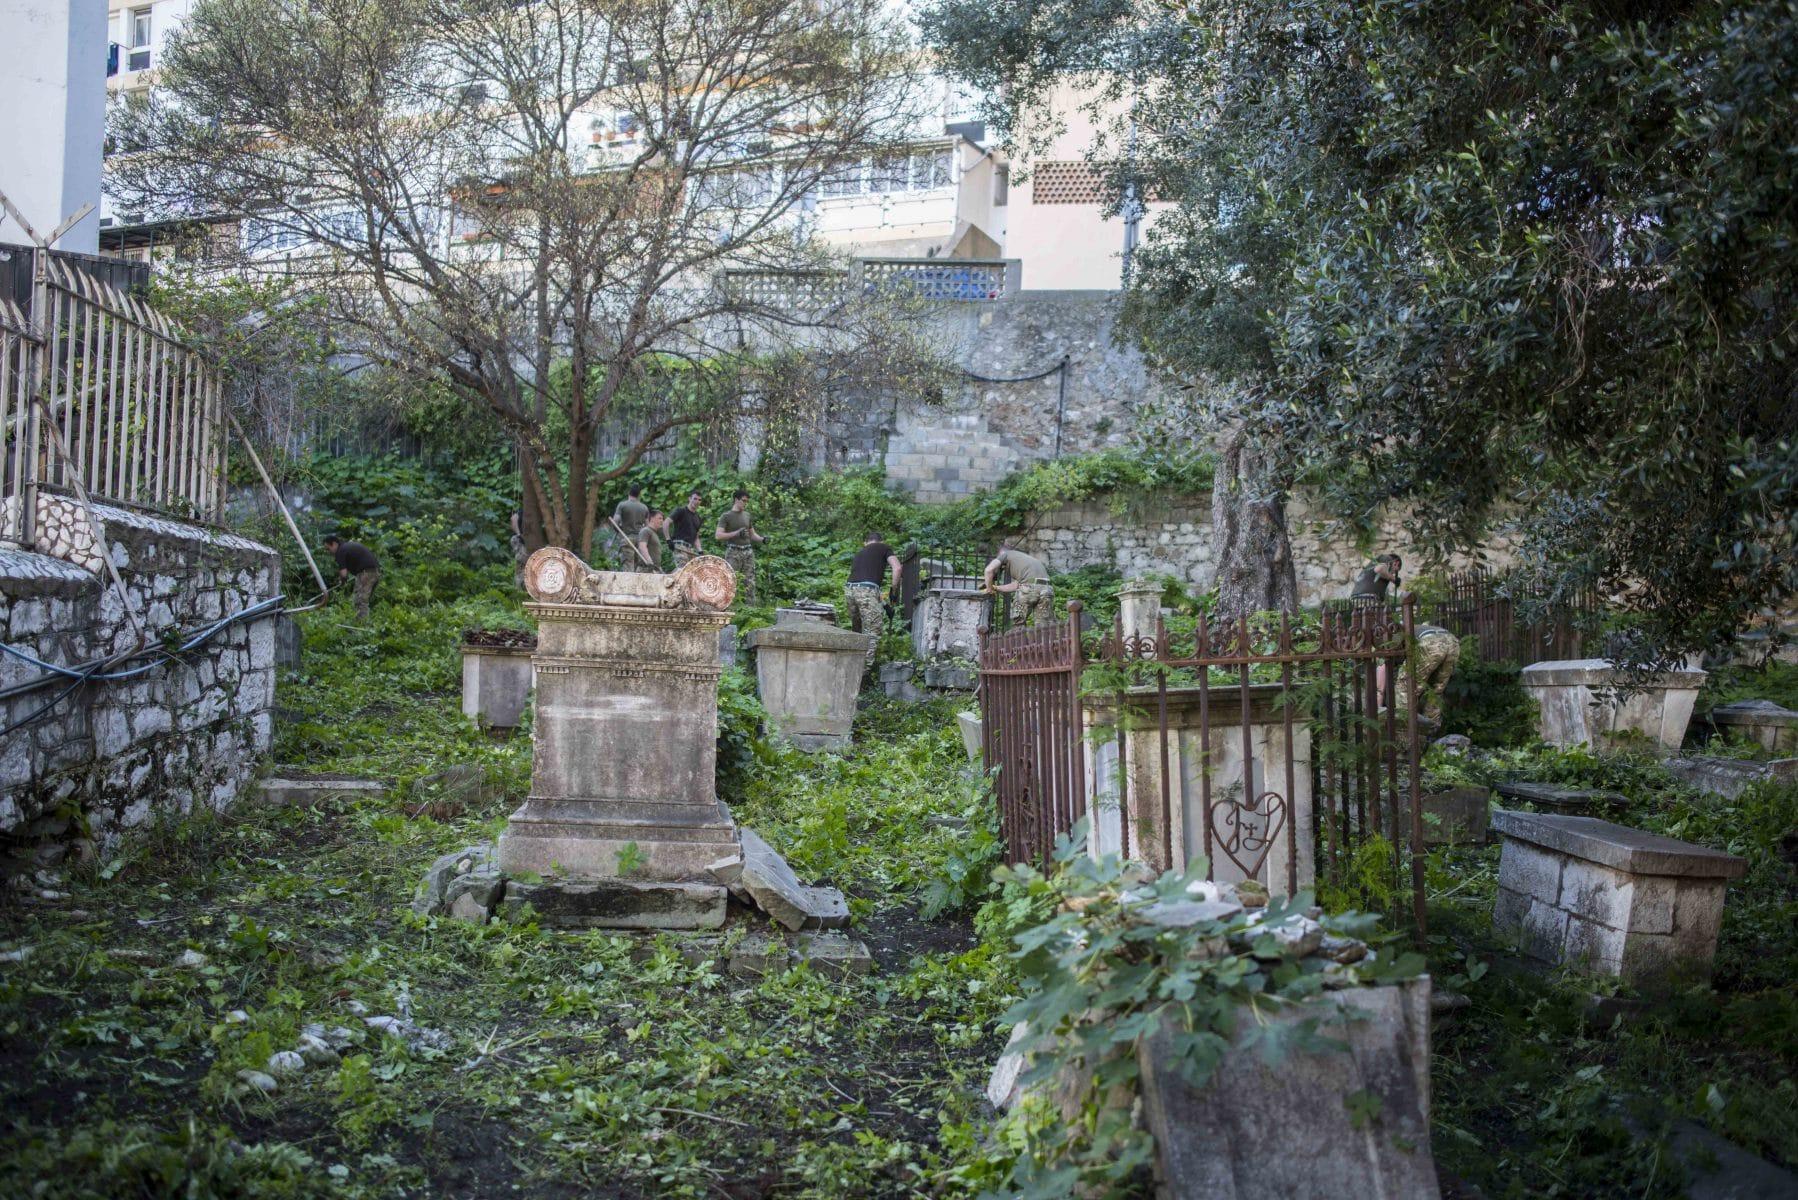 restauracin-cementerio-witham-5_25477573705_o